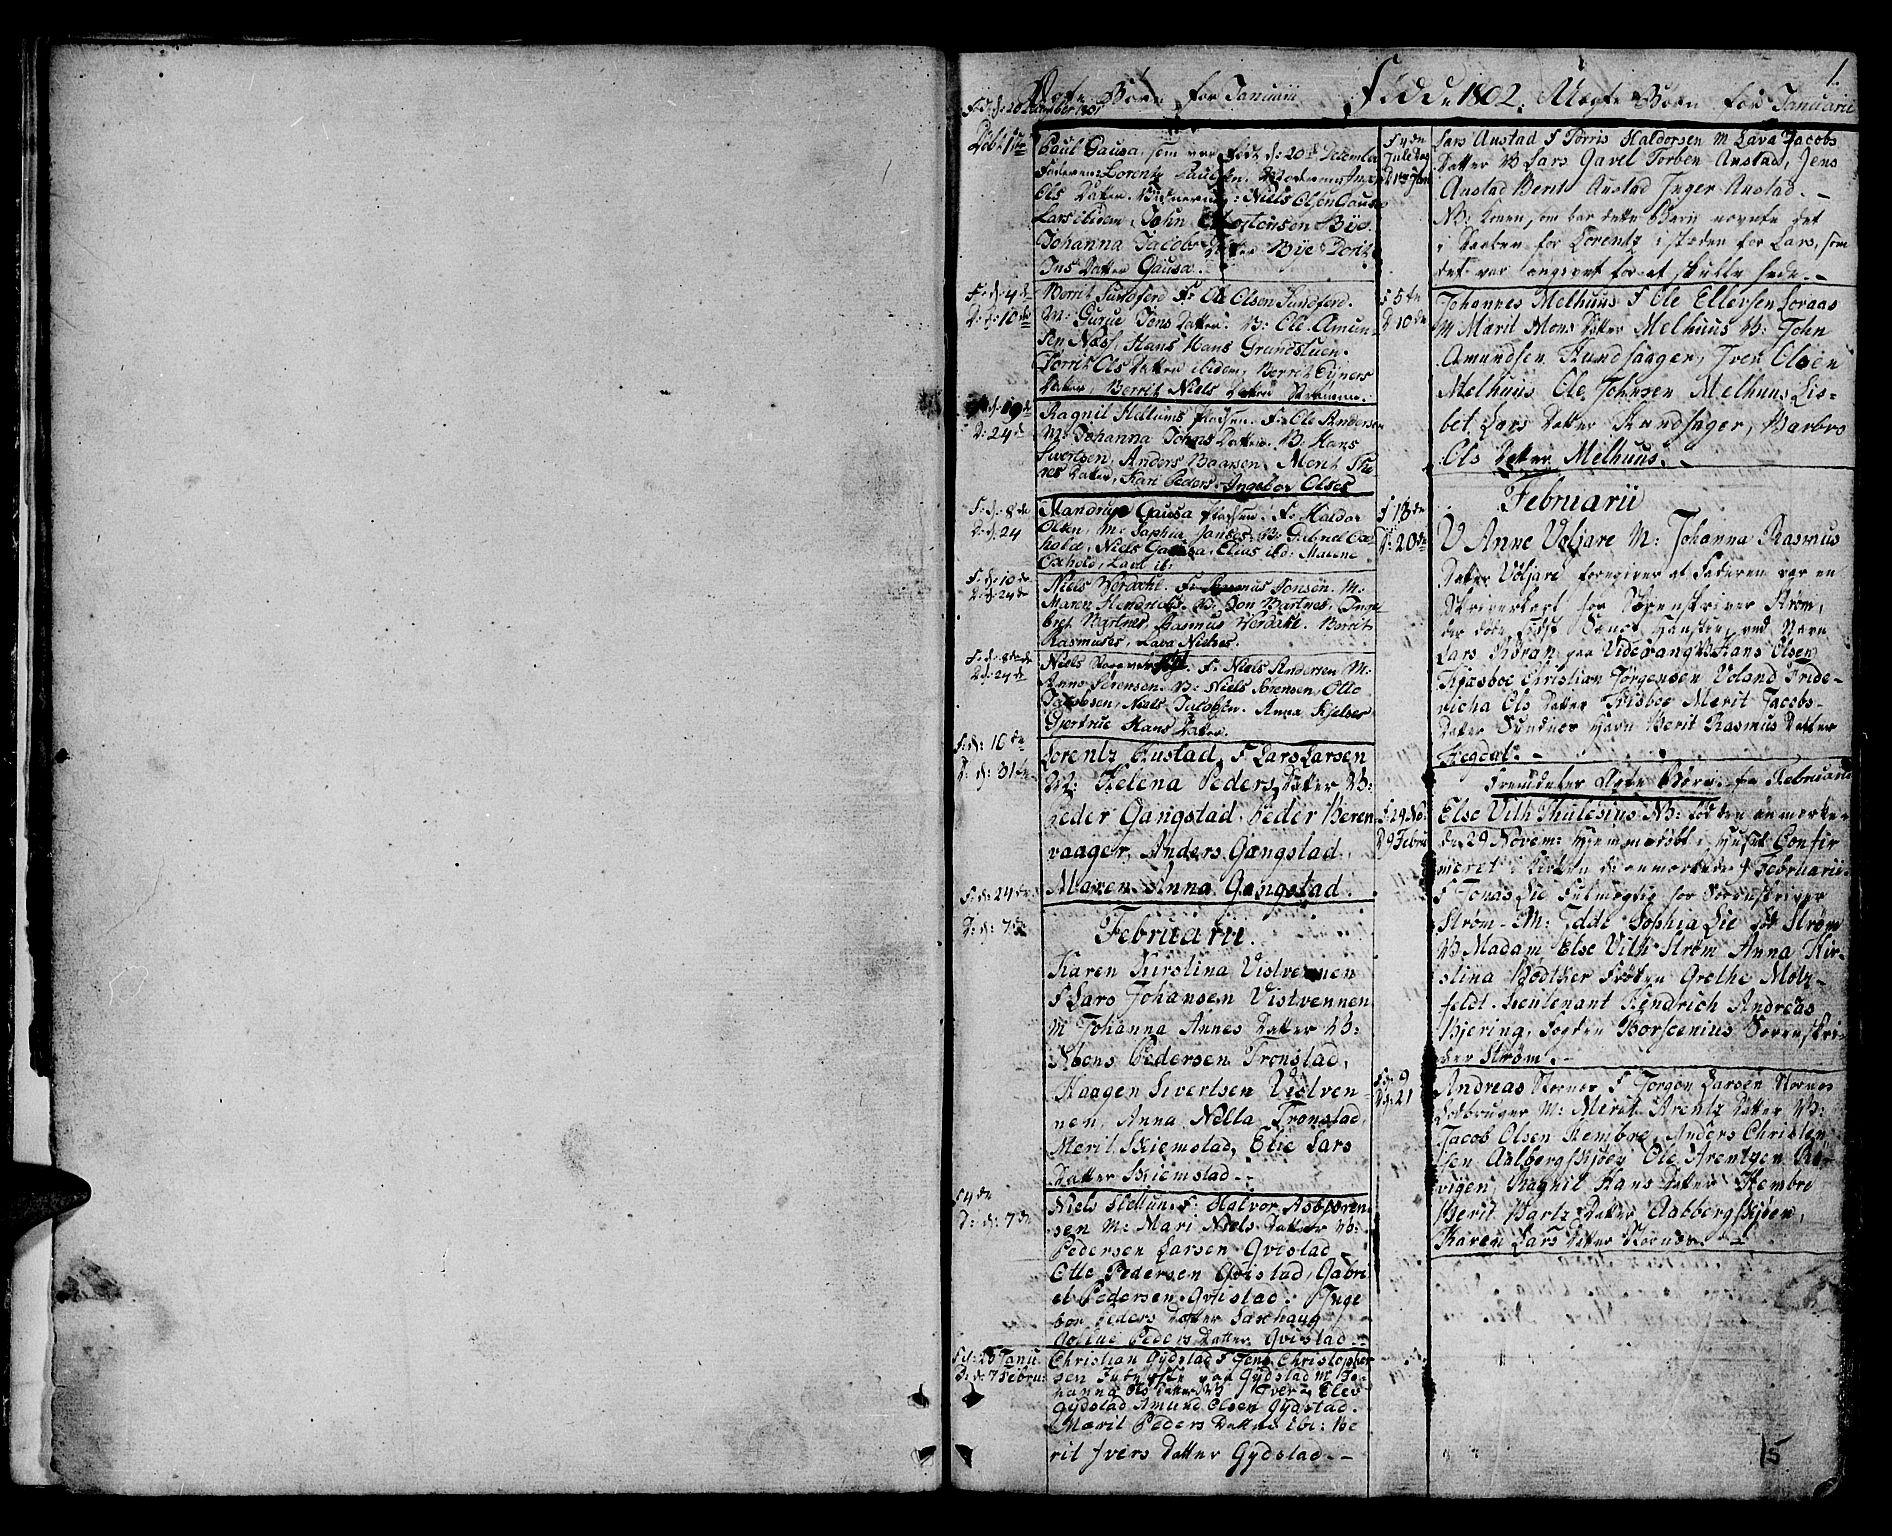 SAT, Ministerialprotokoller, klokkerbøker og fødselsregistre - Nord-Trøndelag, 730/L0274: Parish register (official) no. 730A03, 1802-1816, p. 0-1